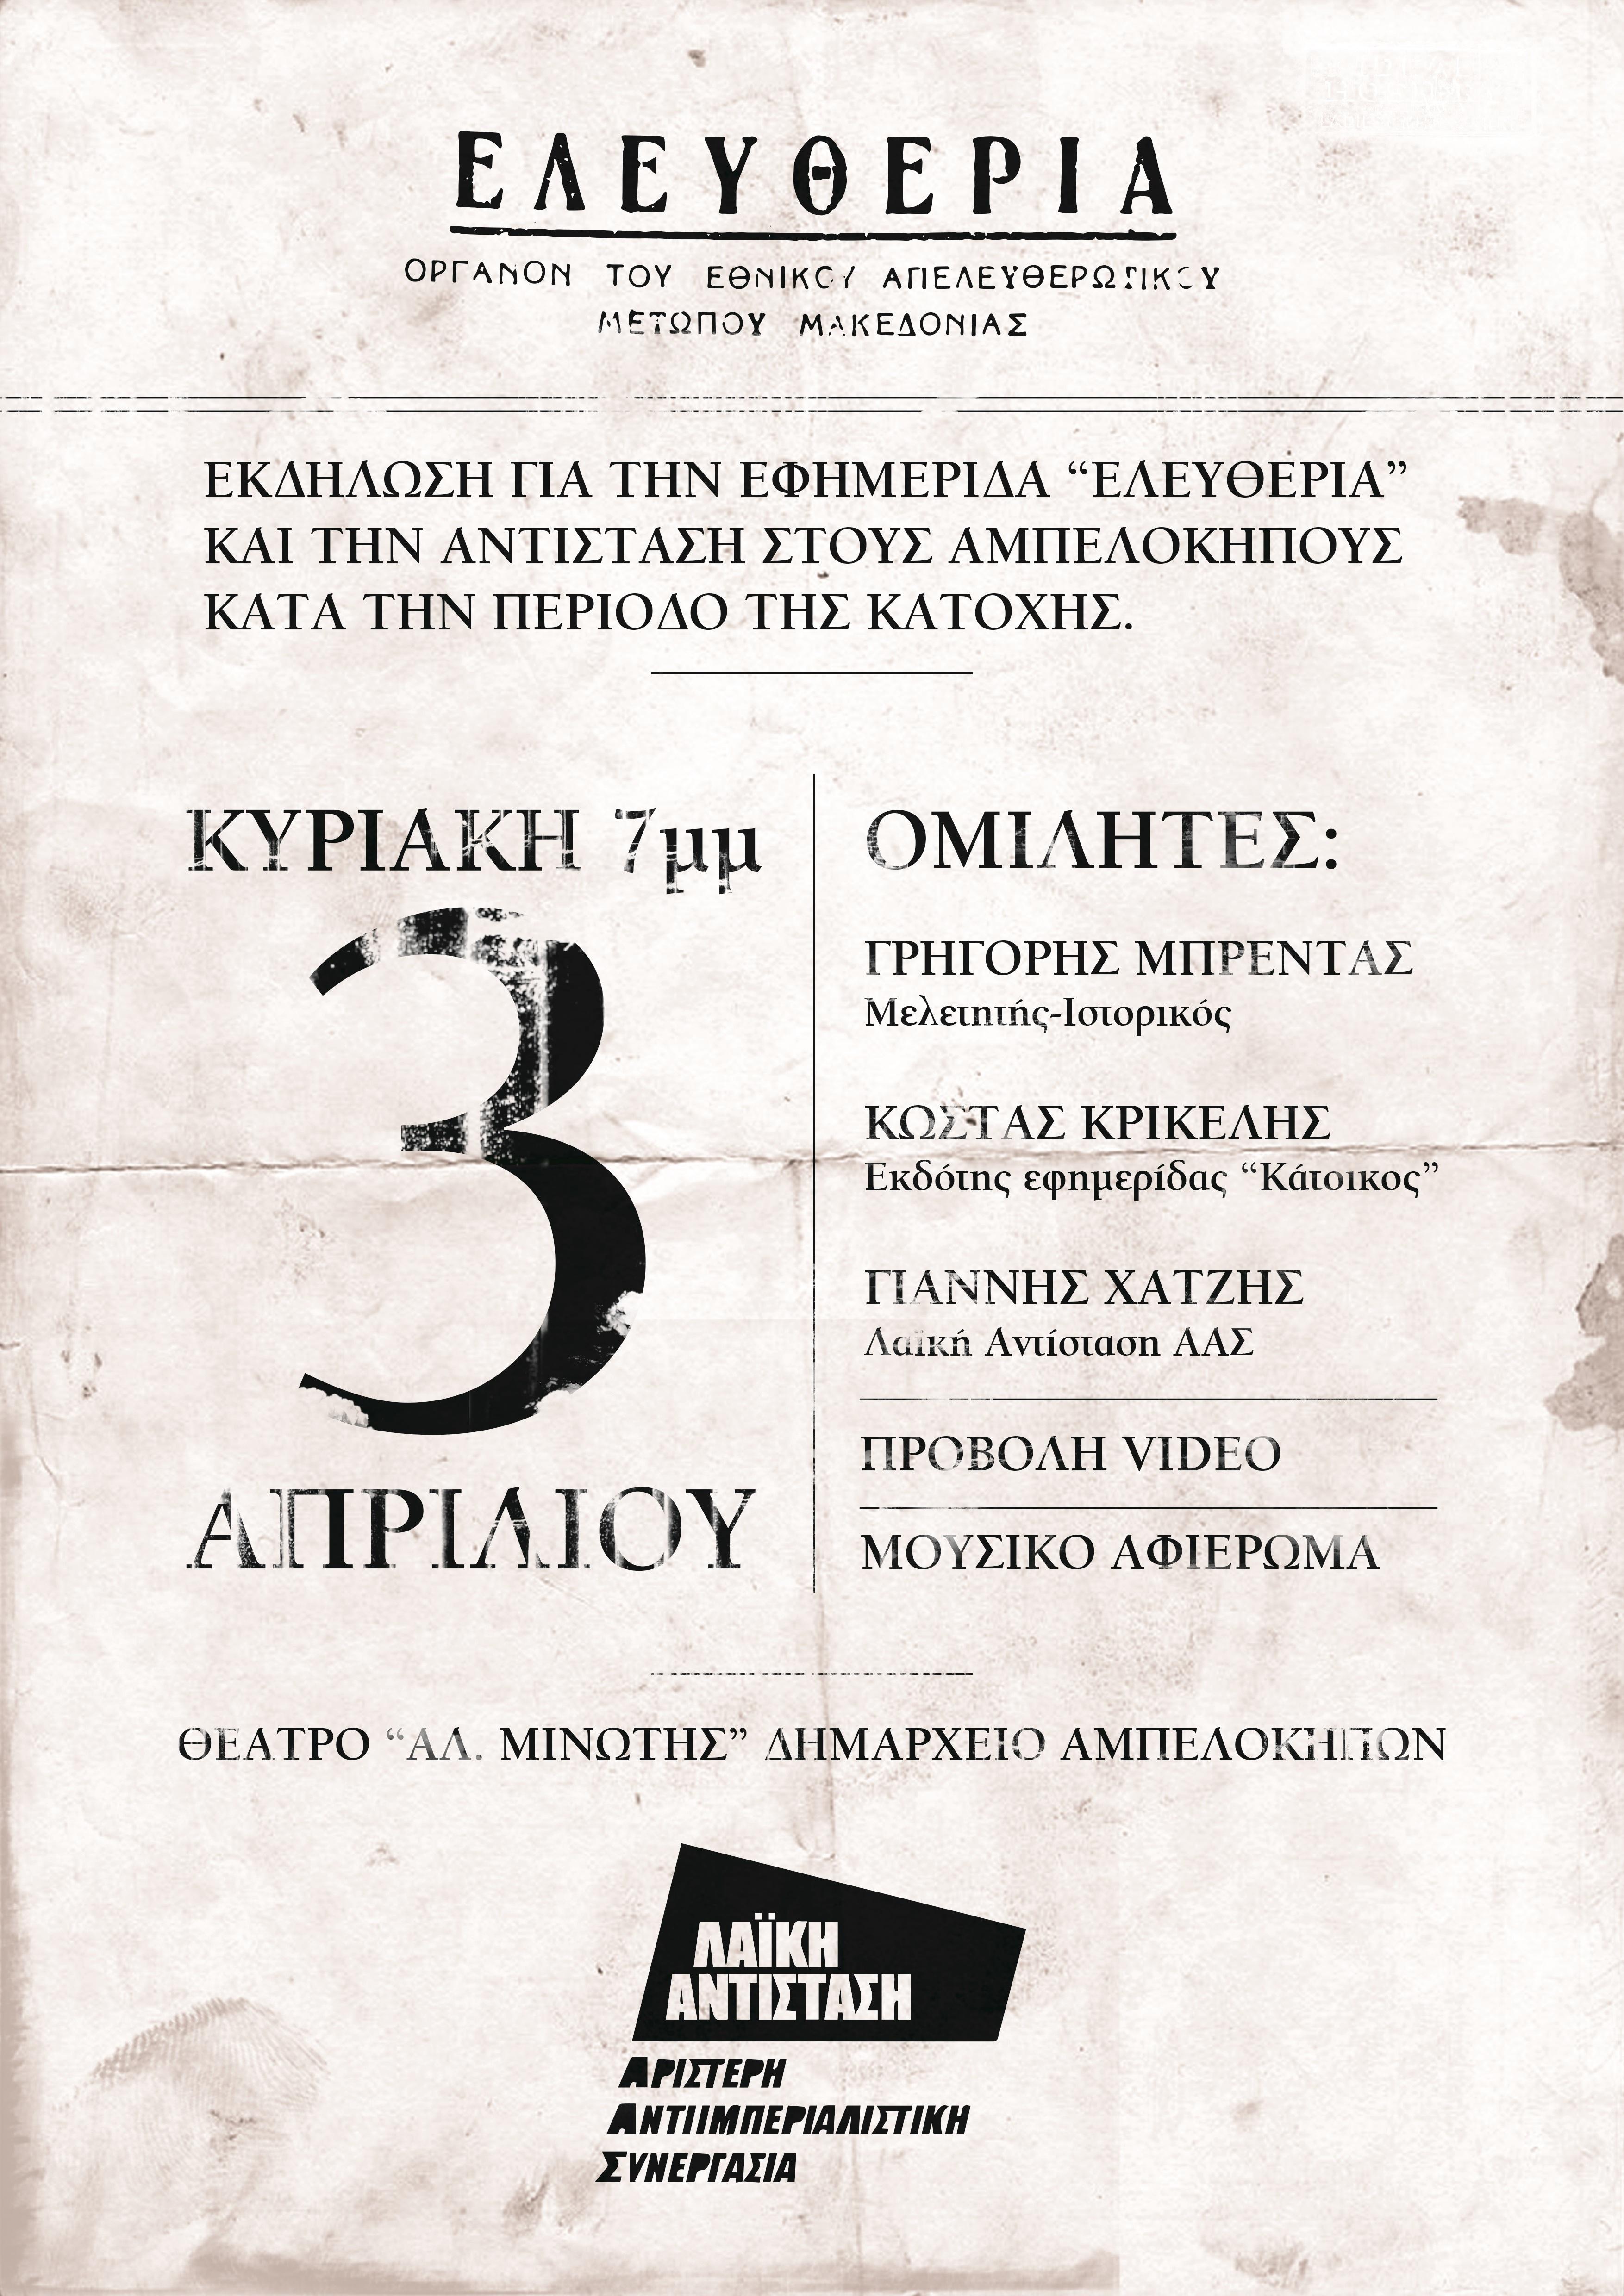 """Εκδήλωση-αφιέρωμα στην εφημερίδα """"ΕΛΕΥΘΕΡΙΑ"""", την πρώτη εφημερίδα της Αντίστασης"""